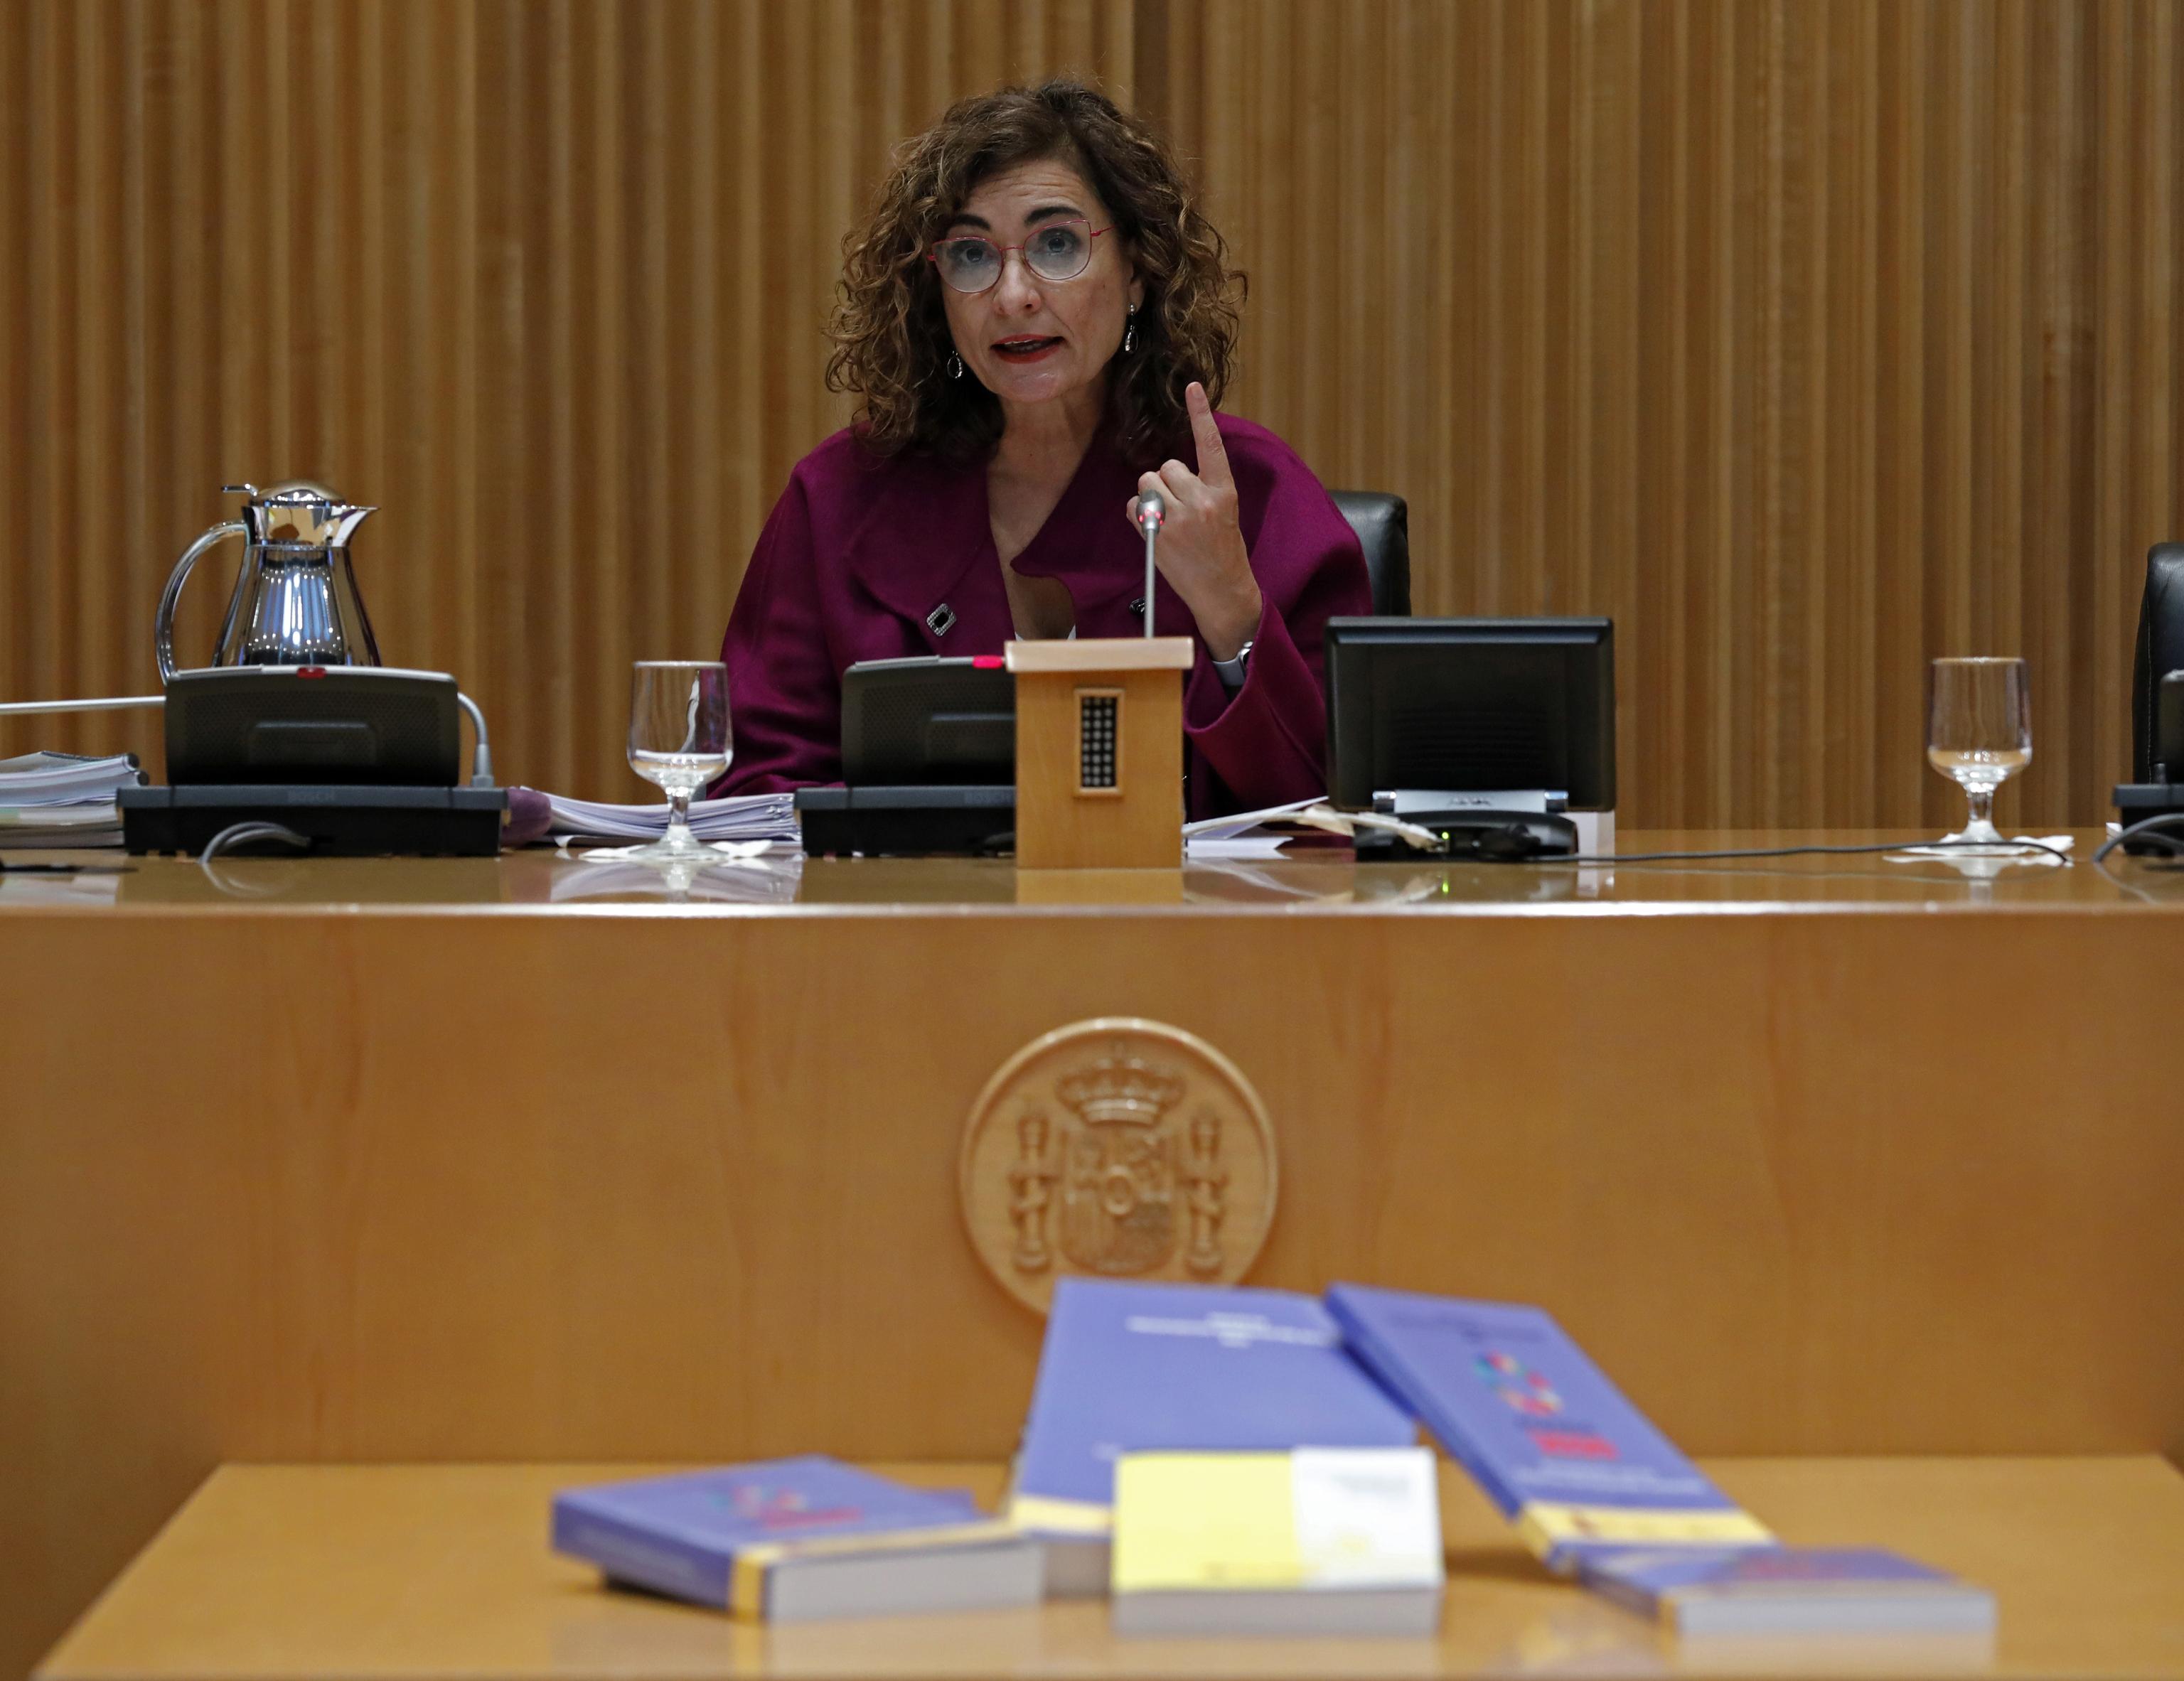 La ministra de Hacienda, María Jesús Montero, este martes en el Congreso de los Diputados